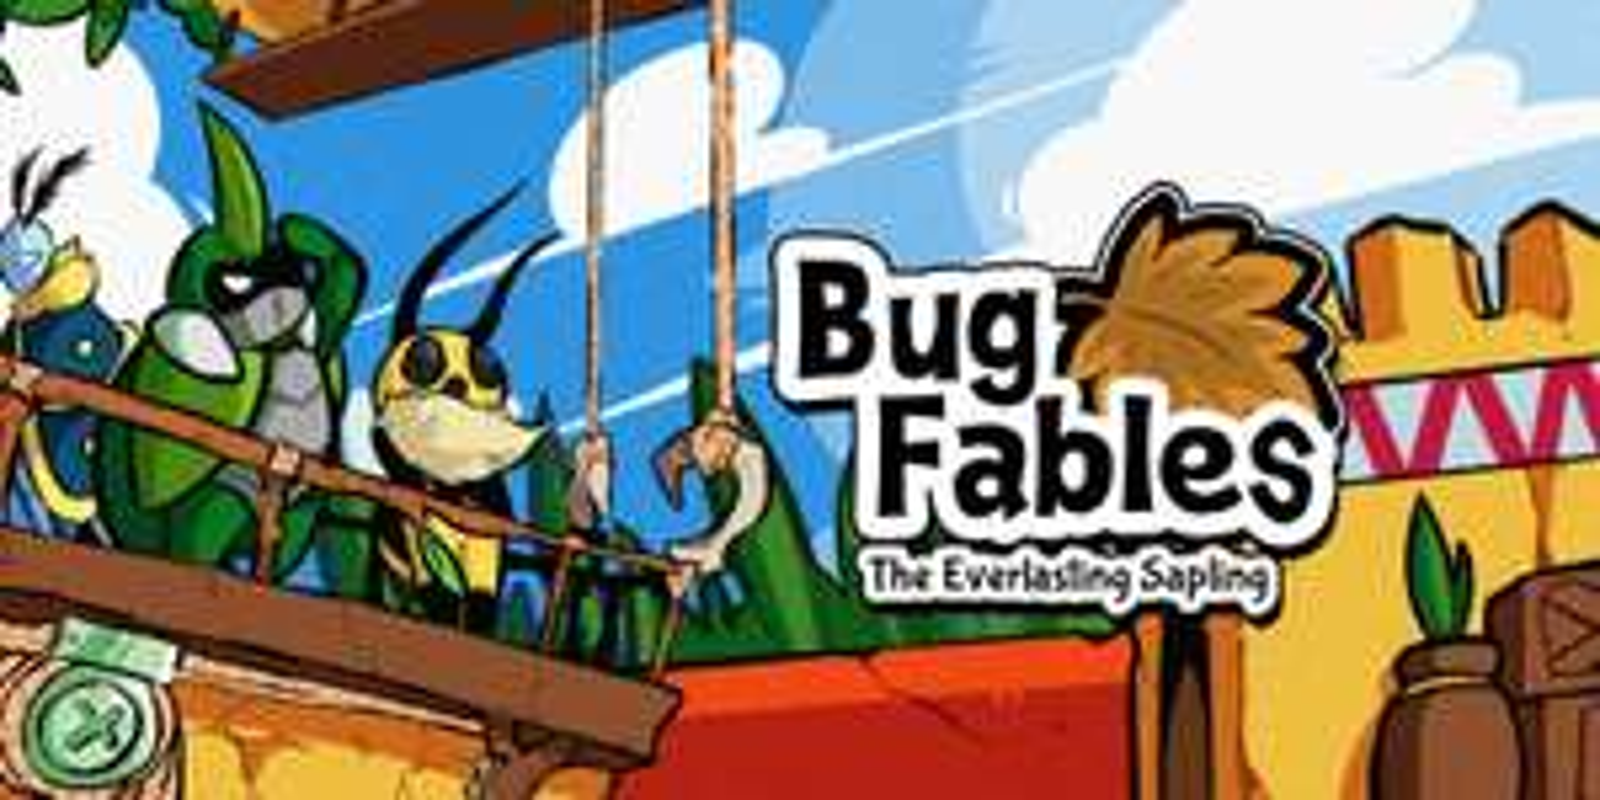 Jeu Bug Fables : The Everlasting Sapling sur Nintendo Switch (Dématérialisé)